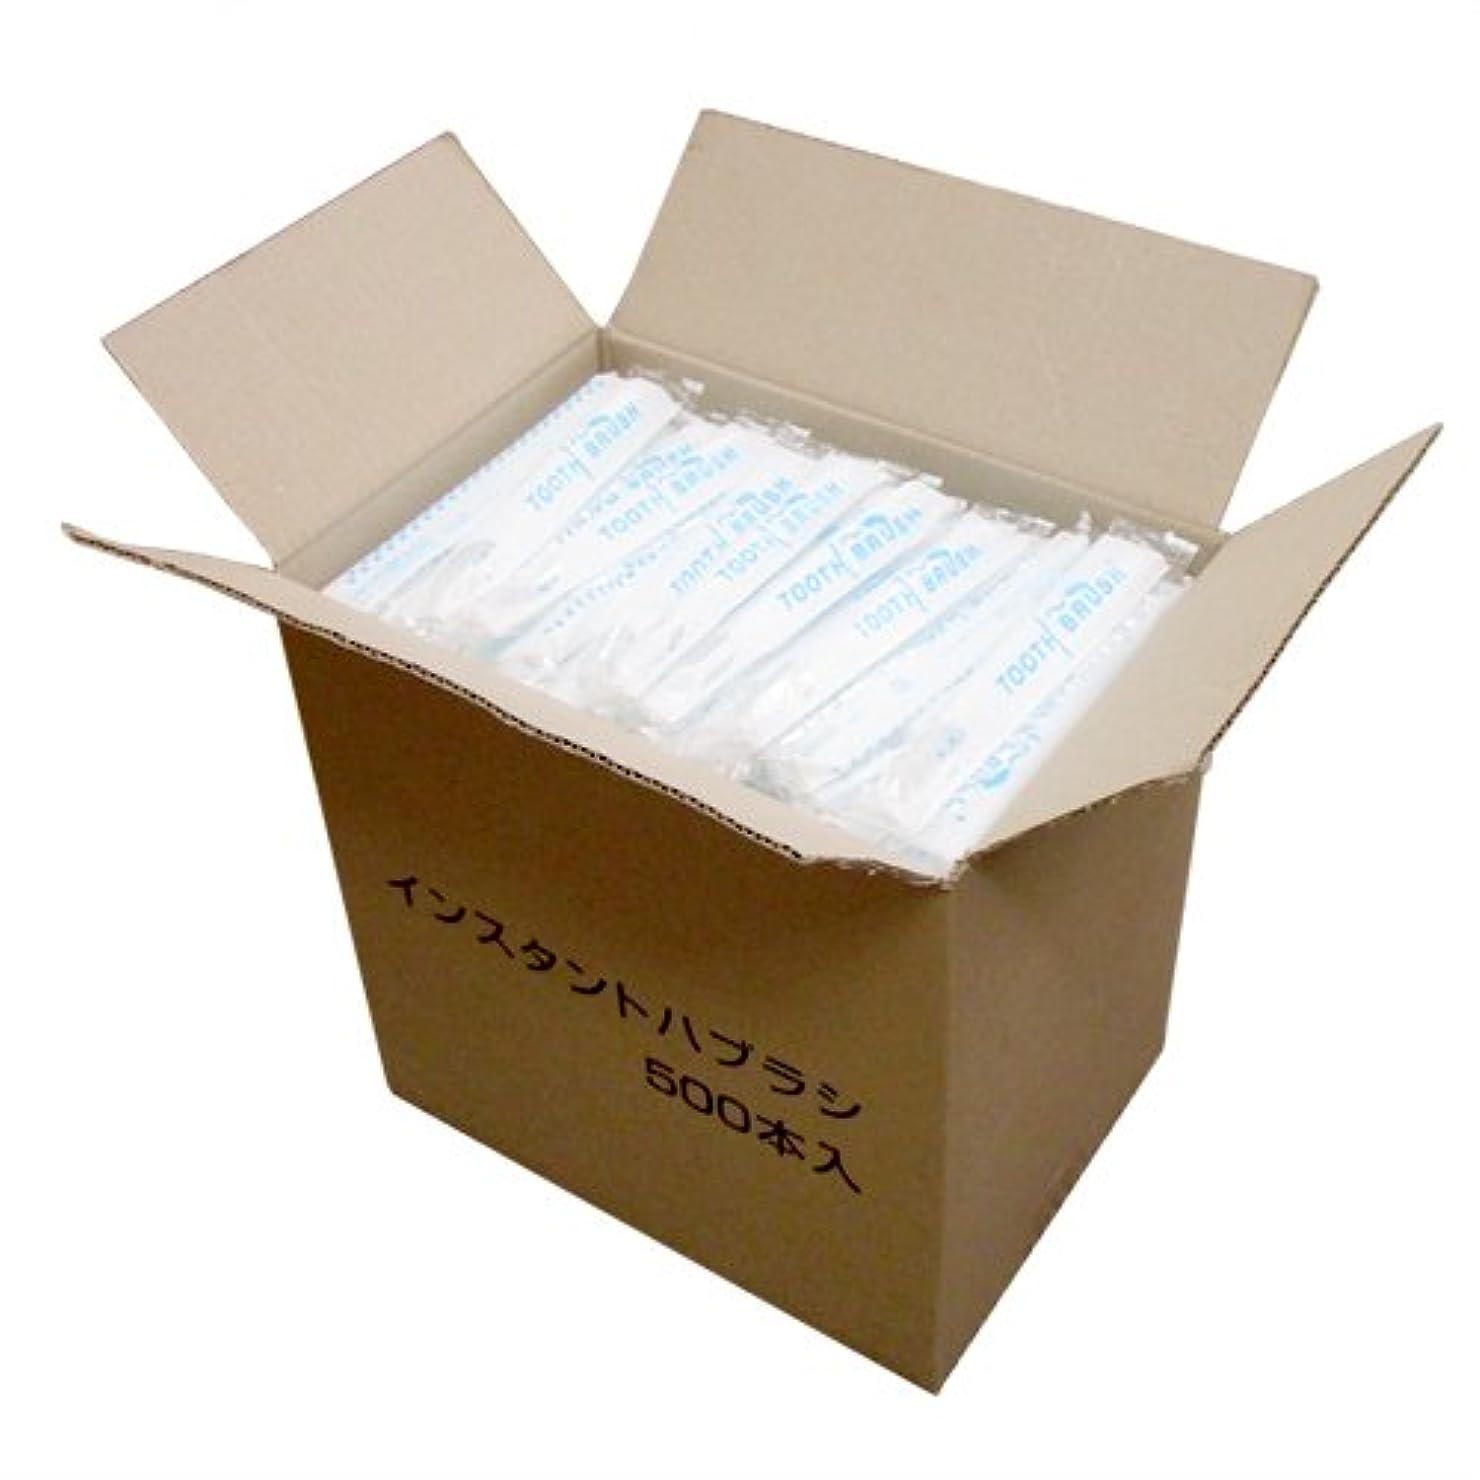 アコー付与日付付き業務用 日本製 使い捨て粉付き歯ブラシ 個包装タイプ 500本入×1箱│ホテルアメニティ